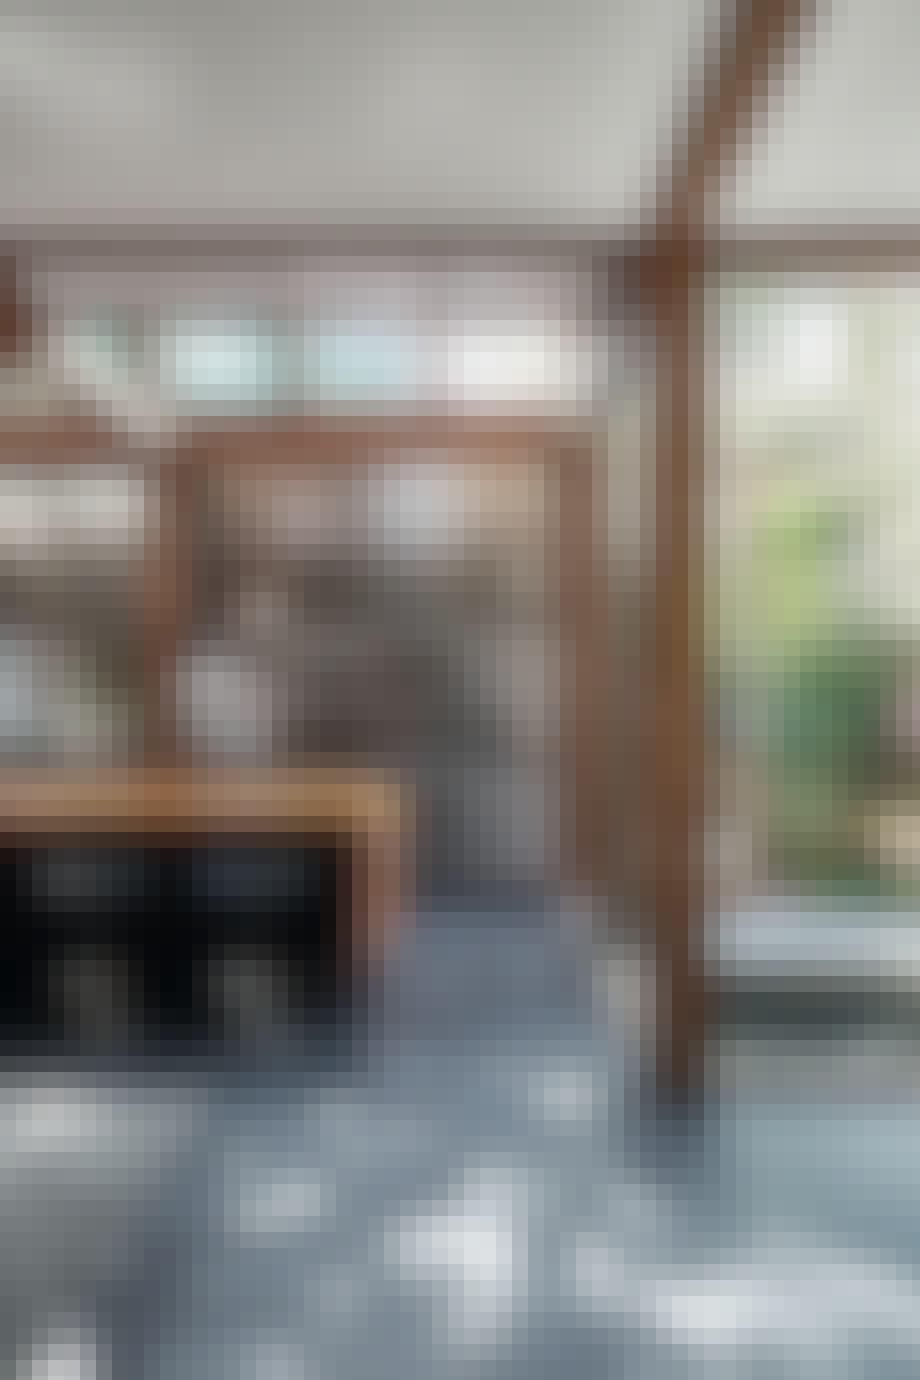 Køkken med vinduer og stålskabe